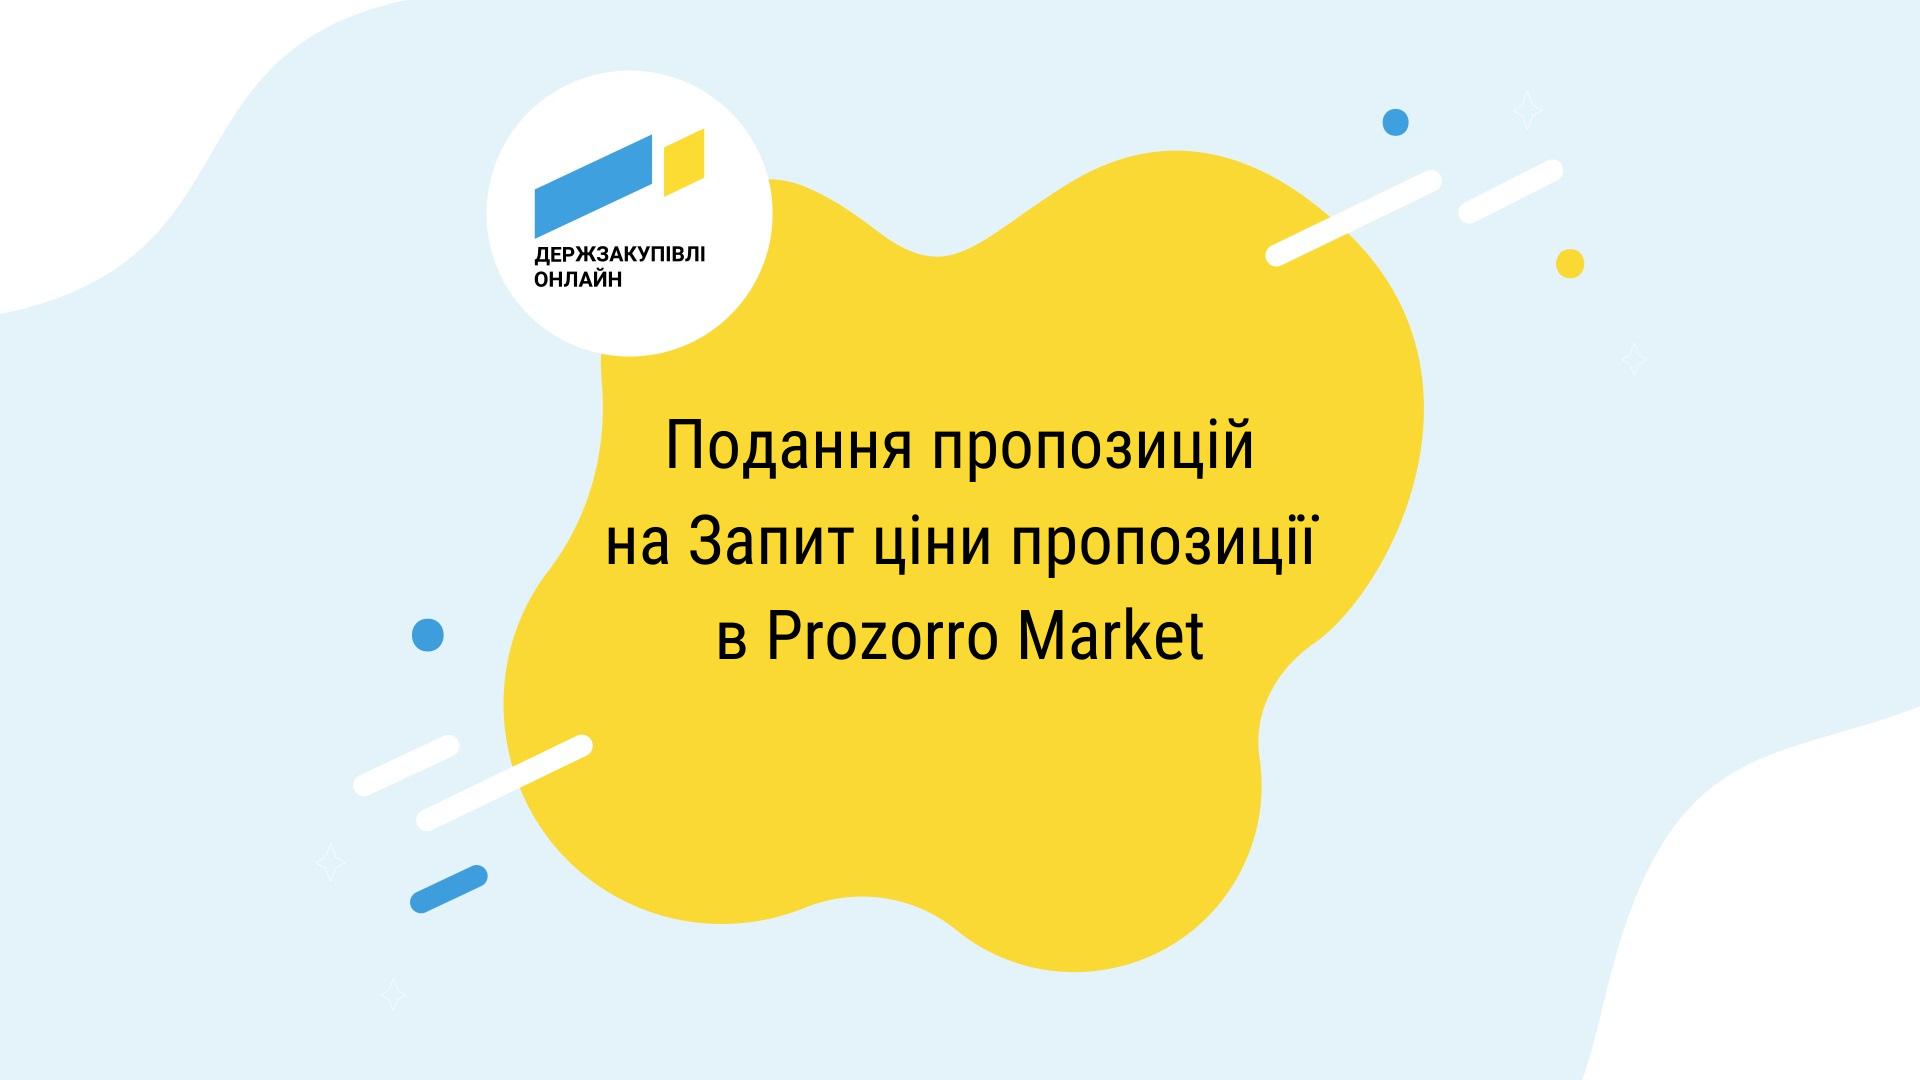 Подання пропозицій на Запит ціни пропозиції в Prozorro Market (1)